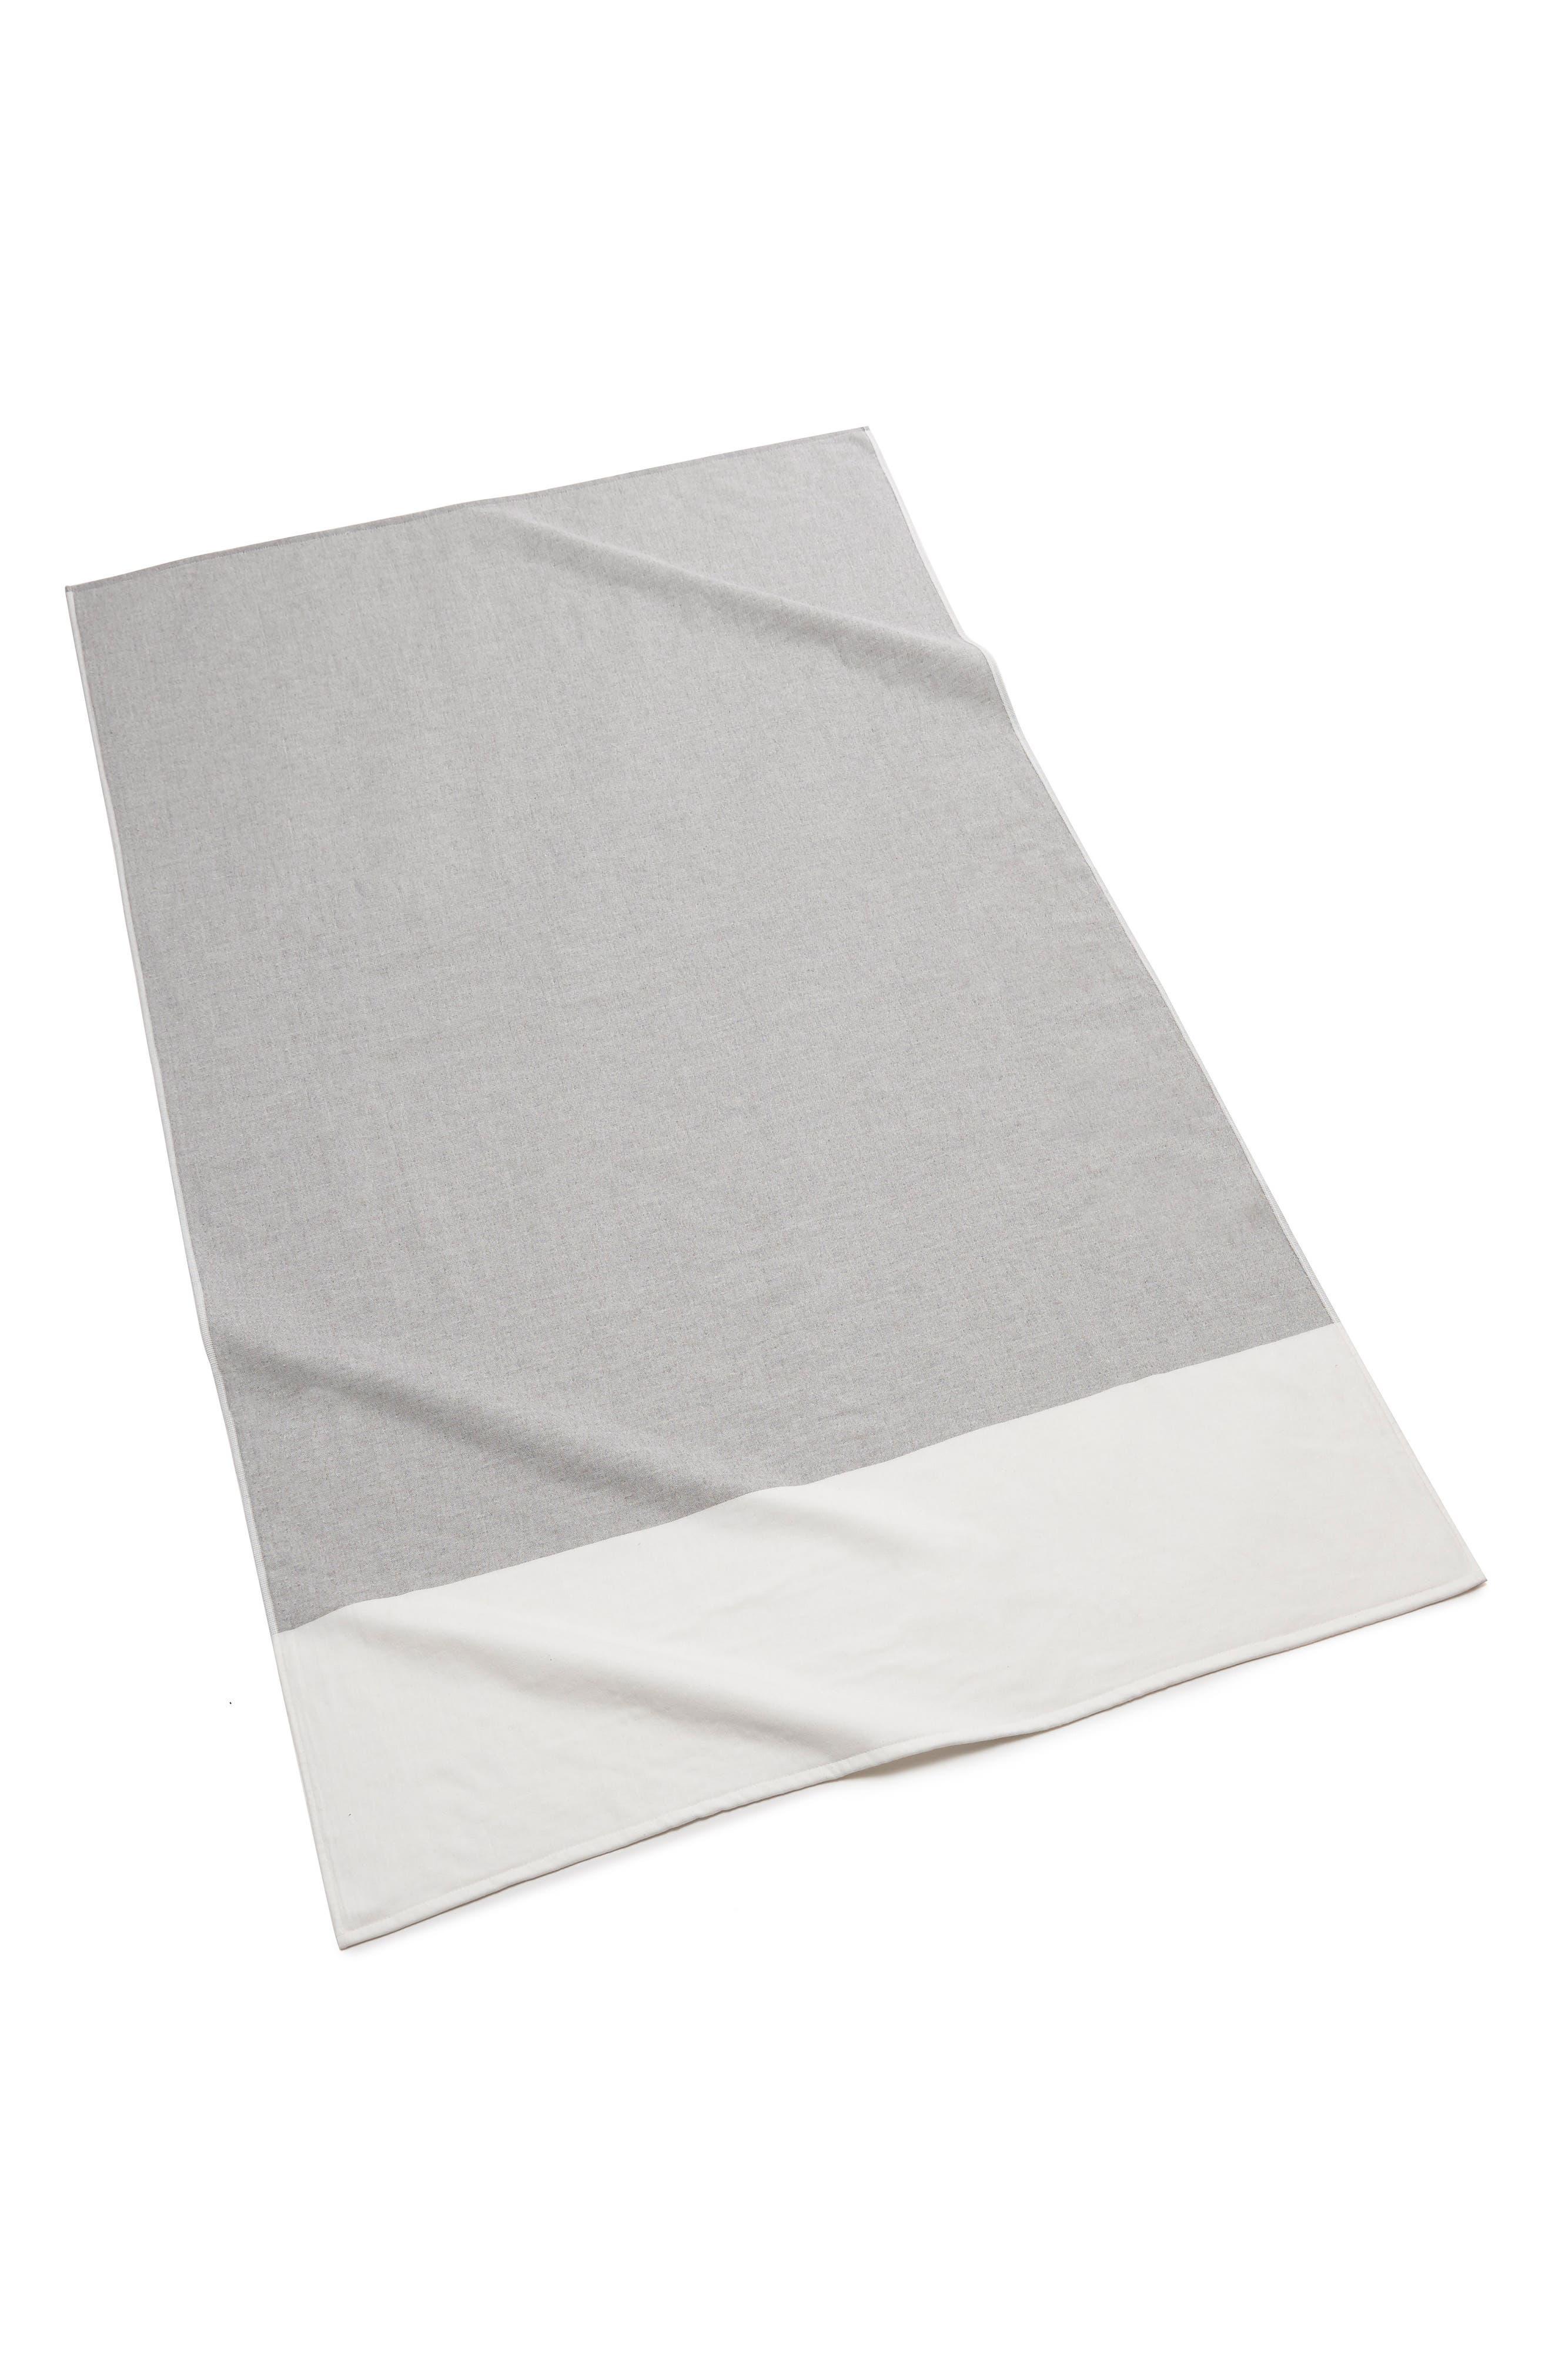 Block Pareo Beach Towel,                         Main,                         color, 020